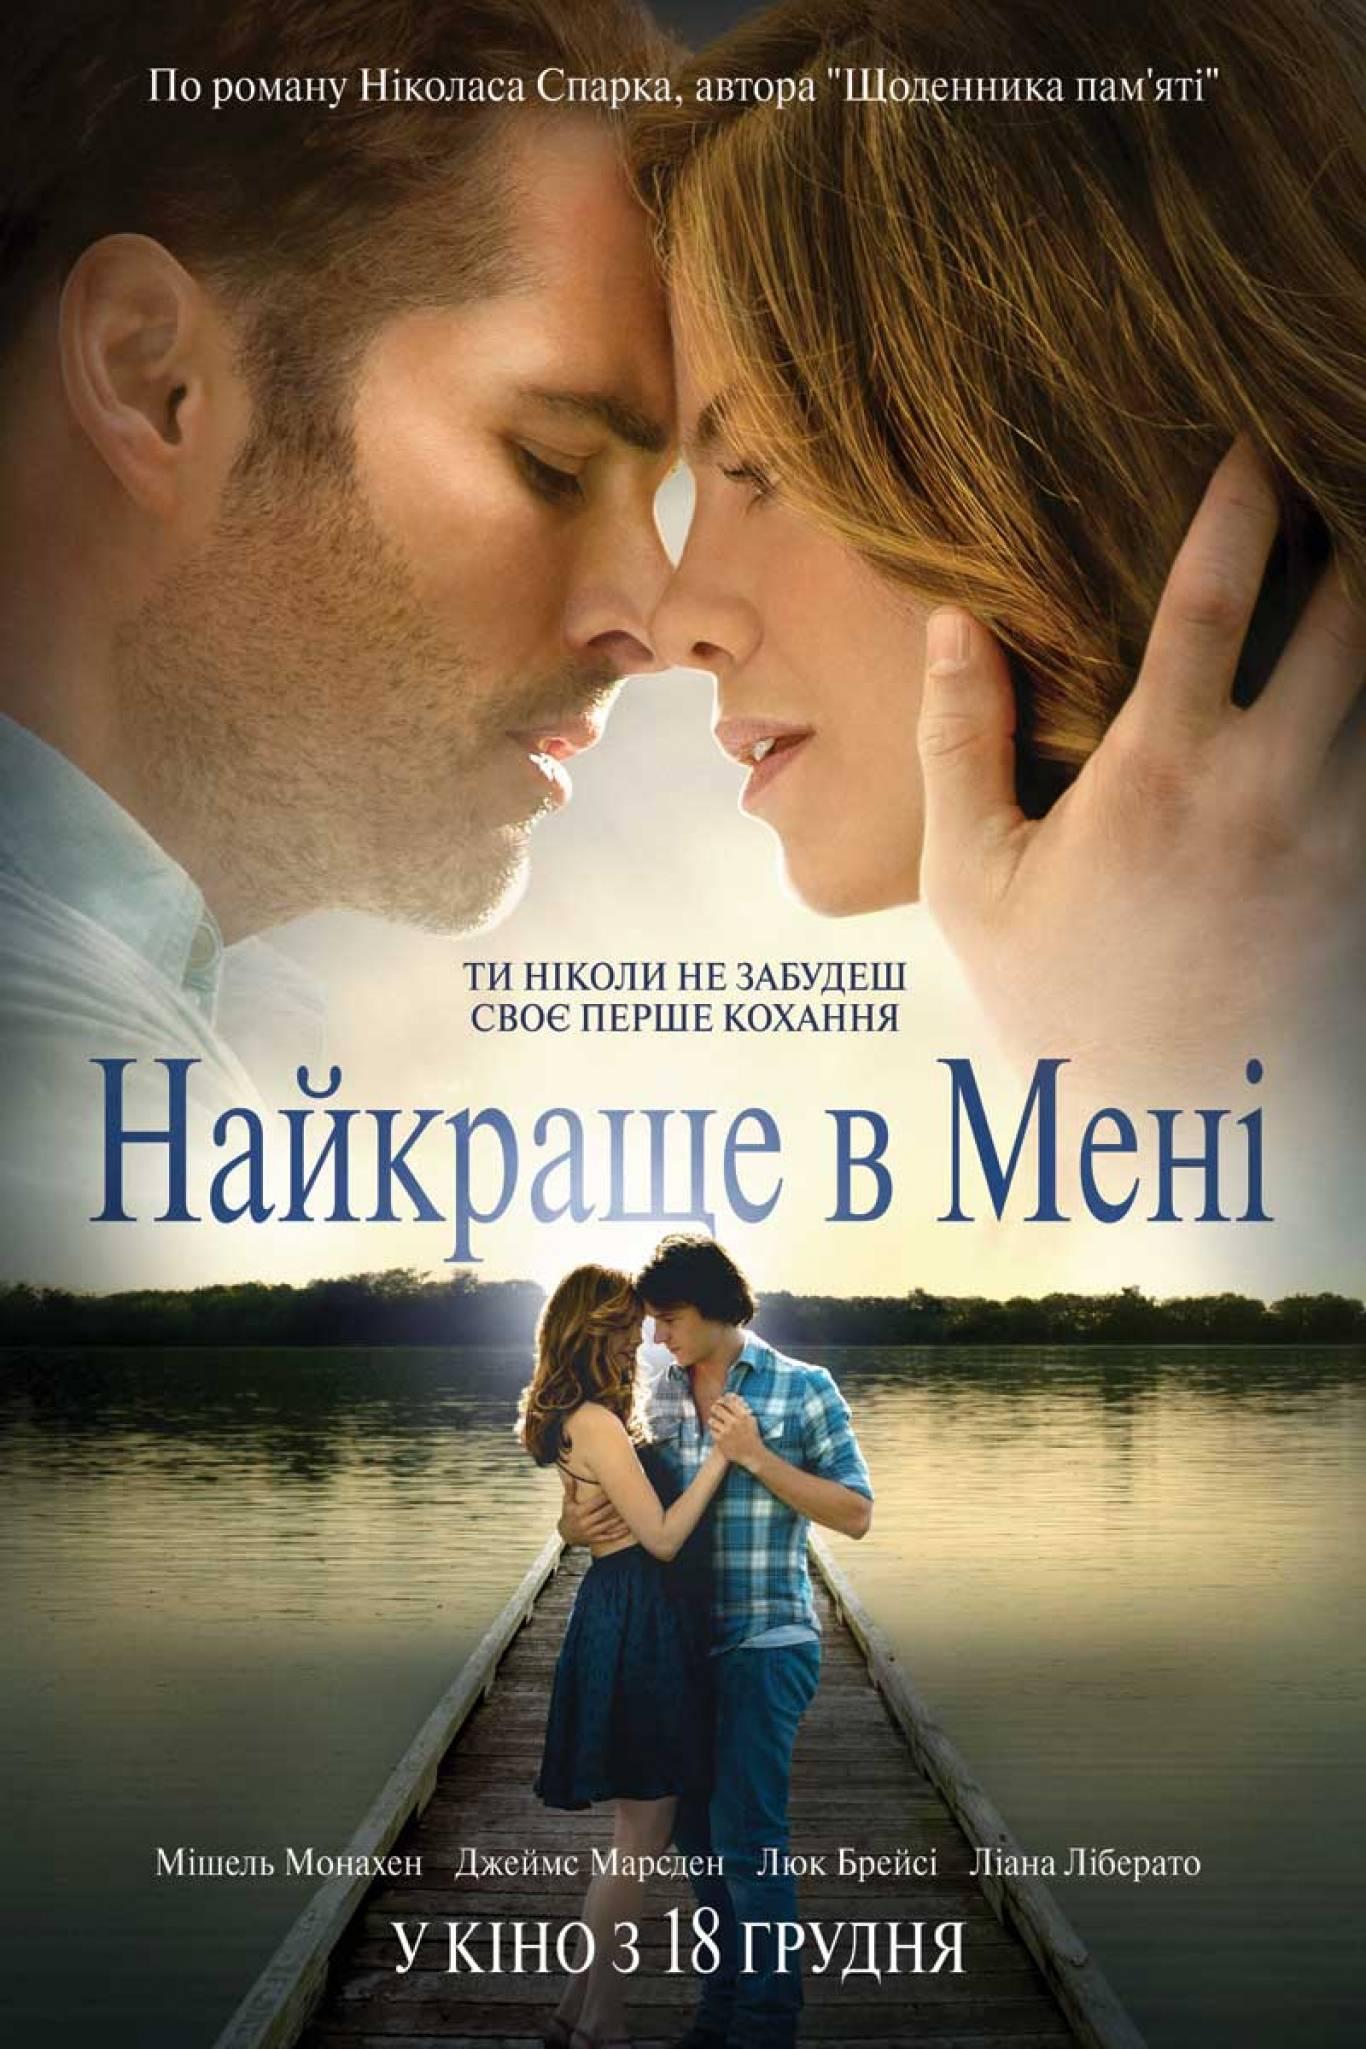 Романтична мелодрама «Найкраще в мені»